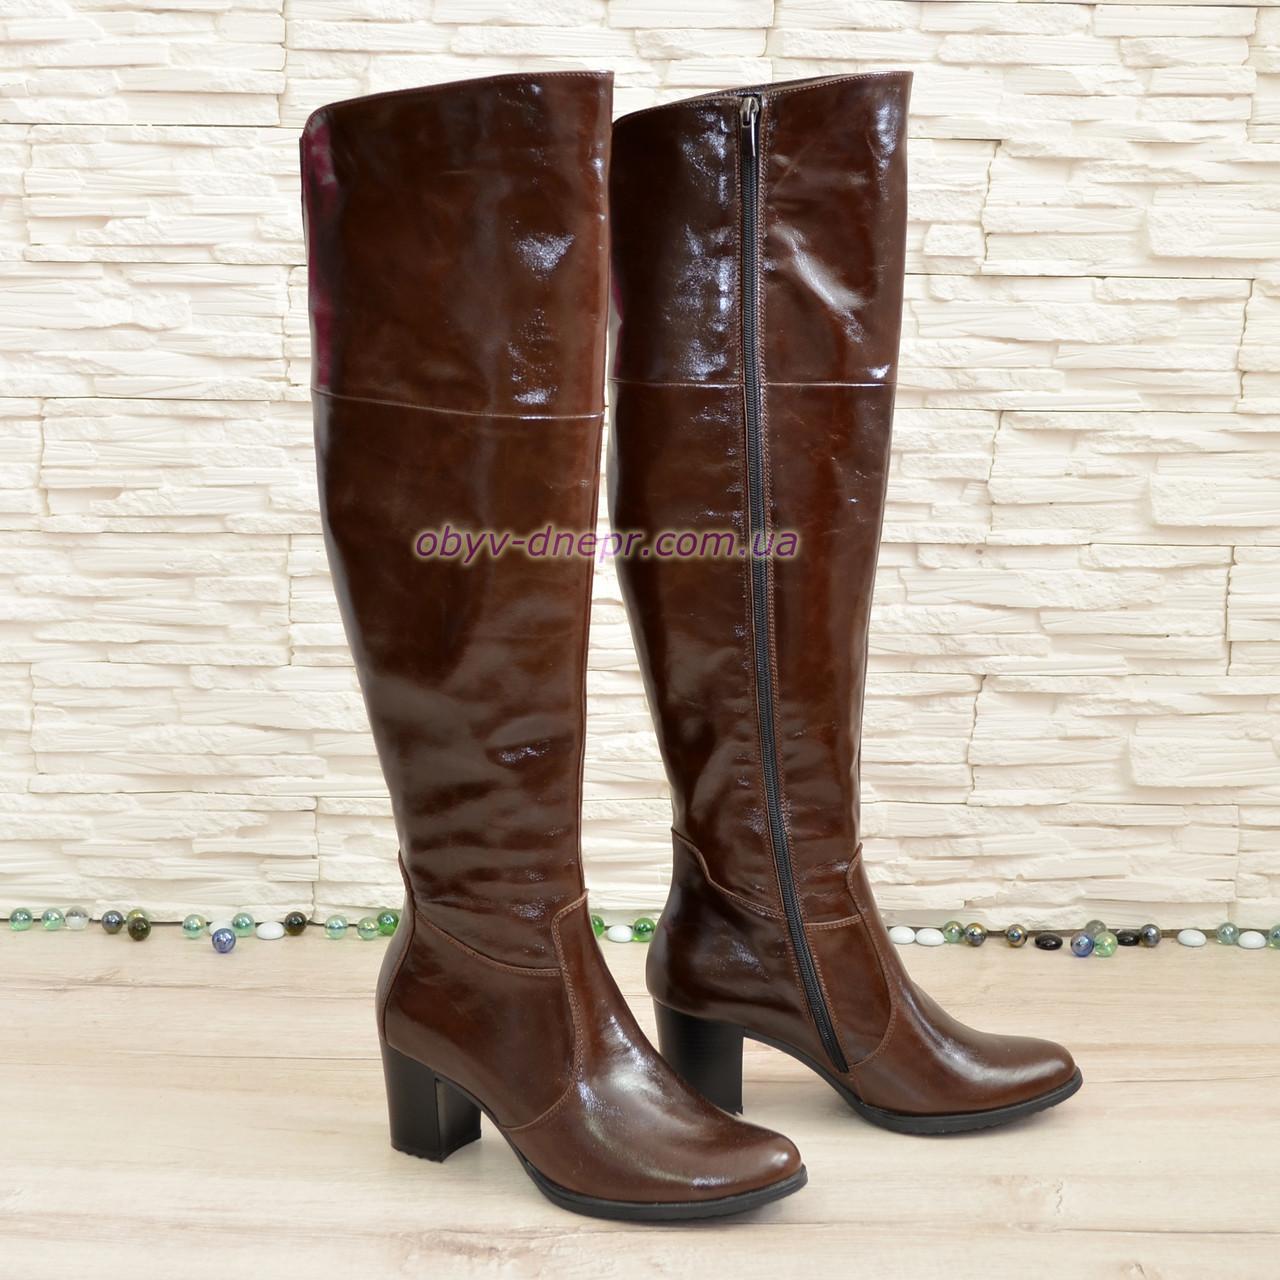 Ботфорты зимние кожаные на устойчивом каблуке, цвет коричневый. 41 размер